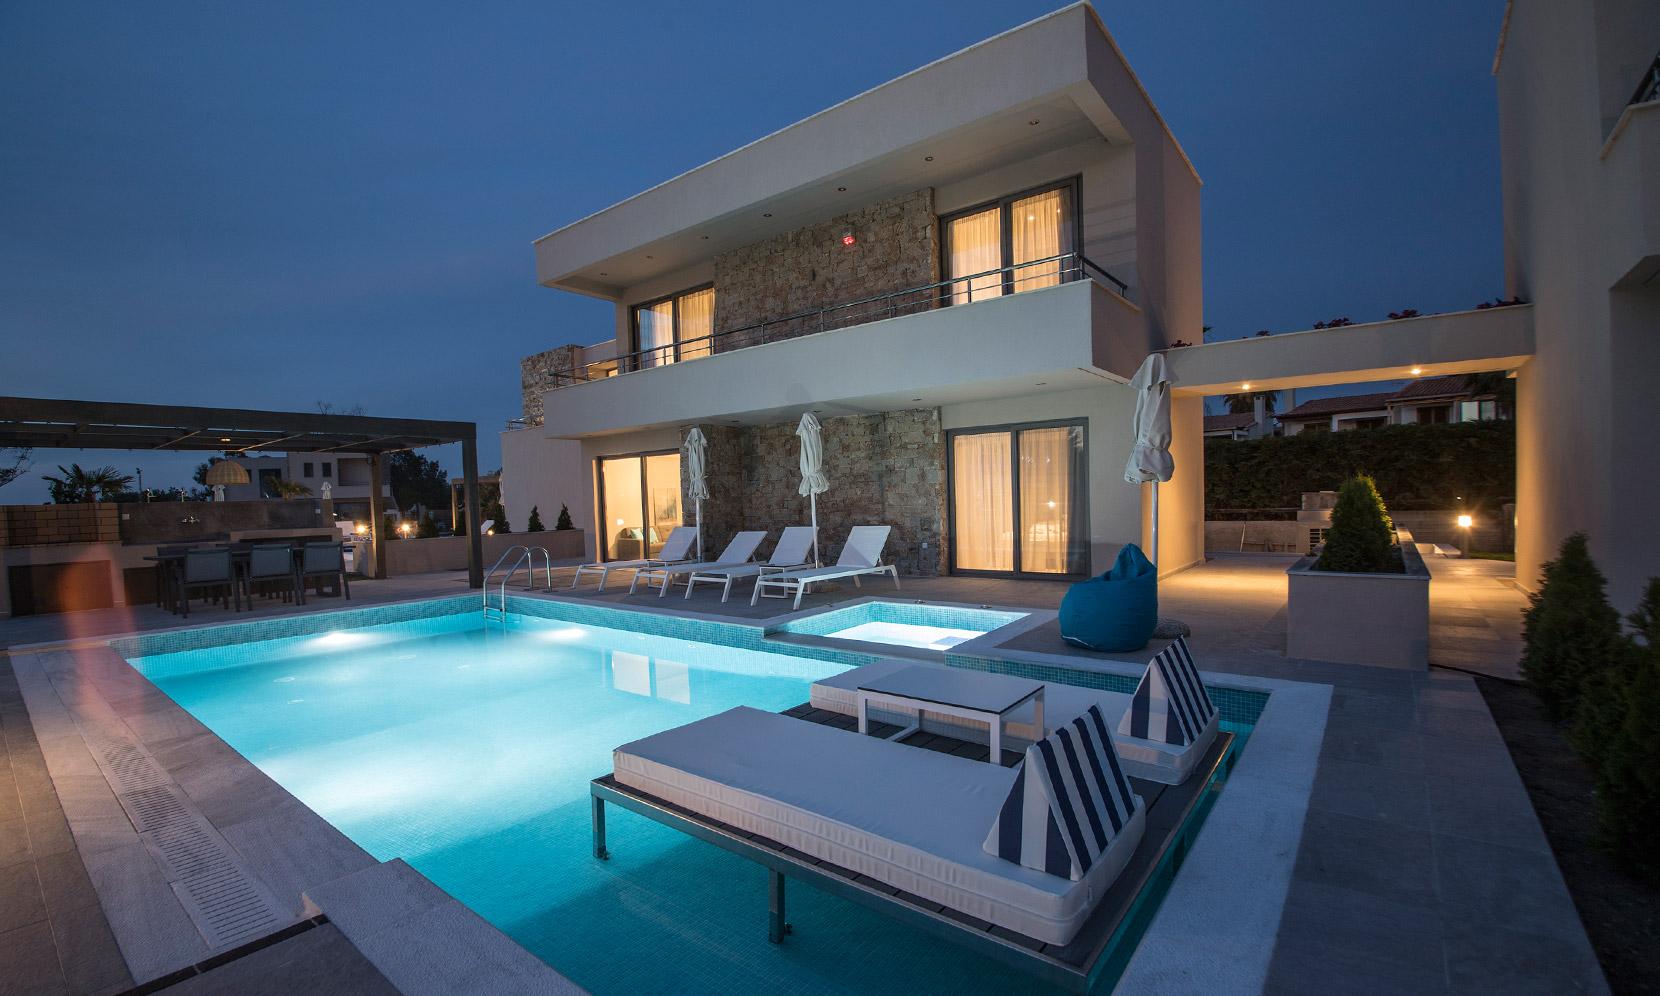 Halkidiki Villa Ammos jumbotron image